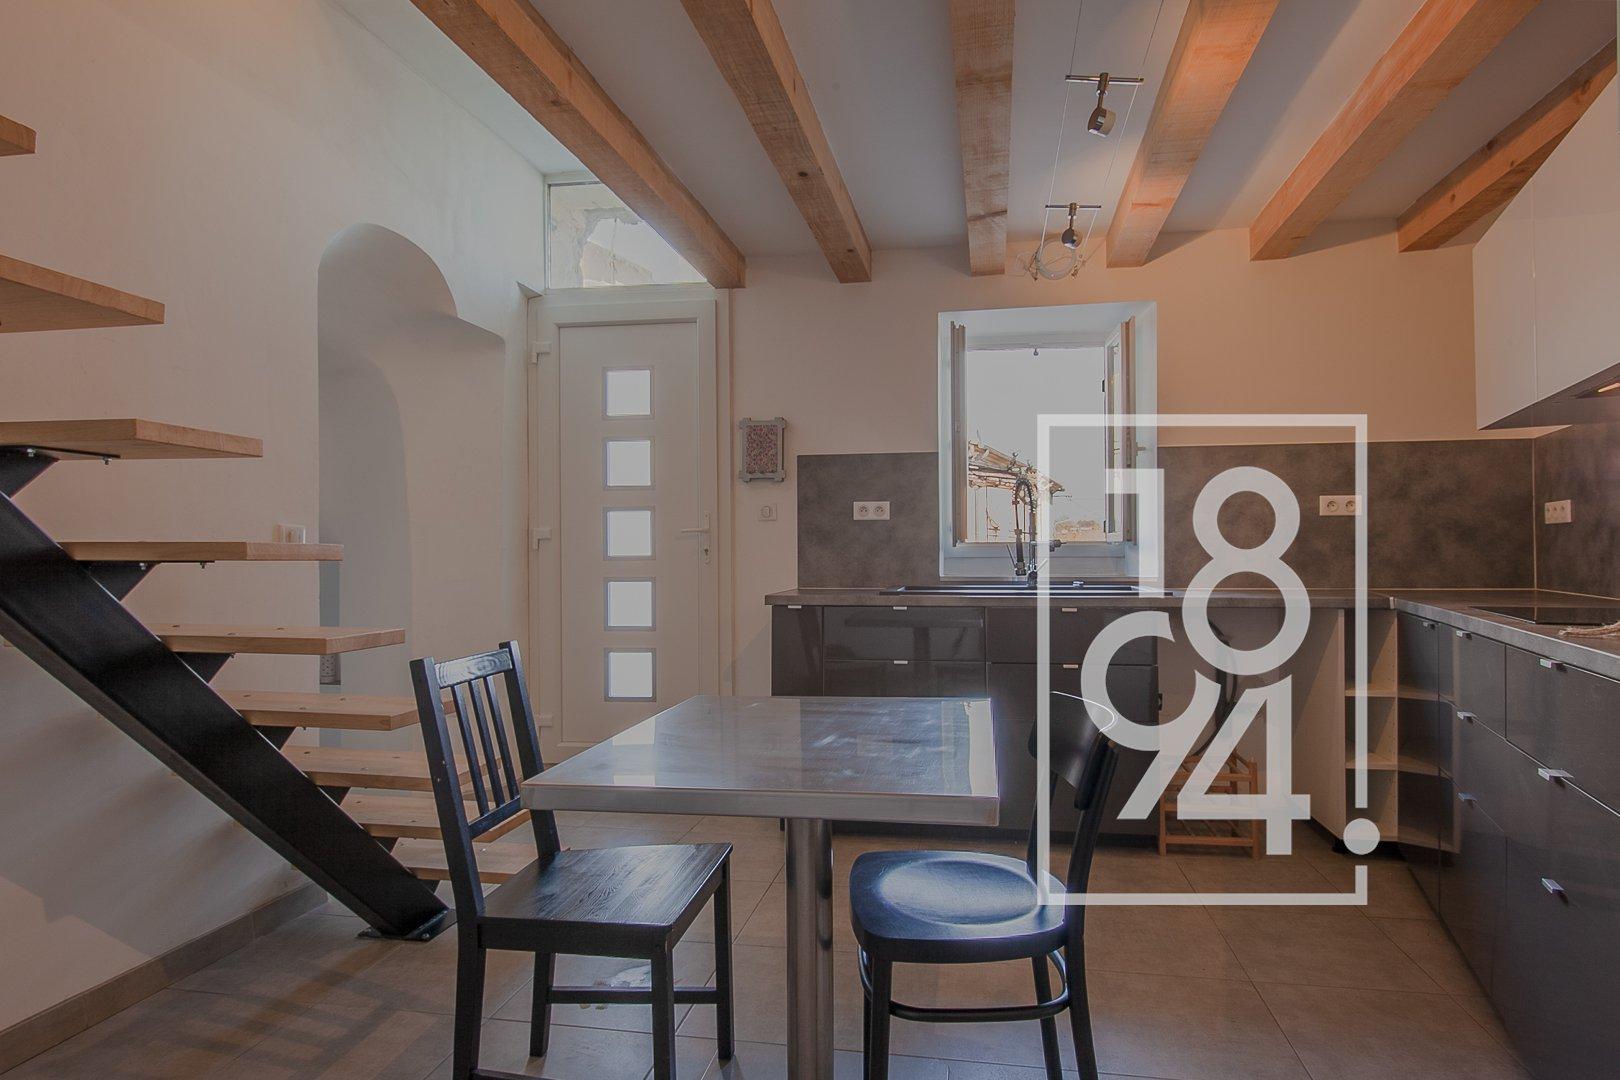 Maison de village lumineuse et en duplex au coeur de la Motte d'Aigues